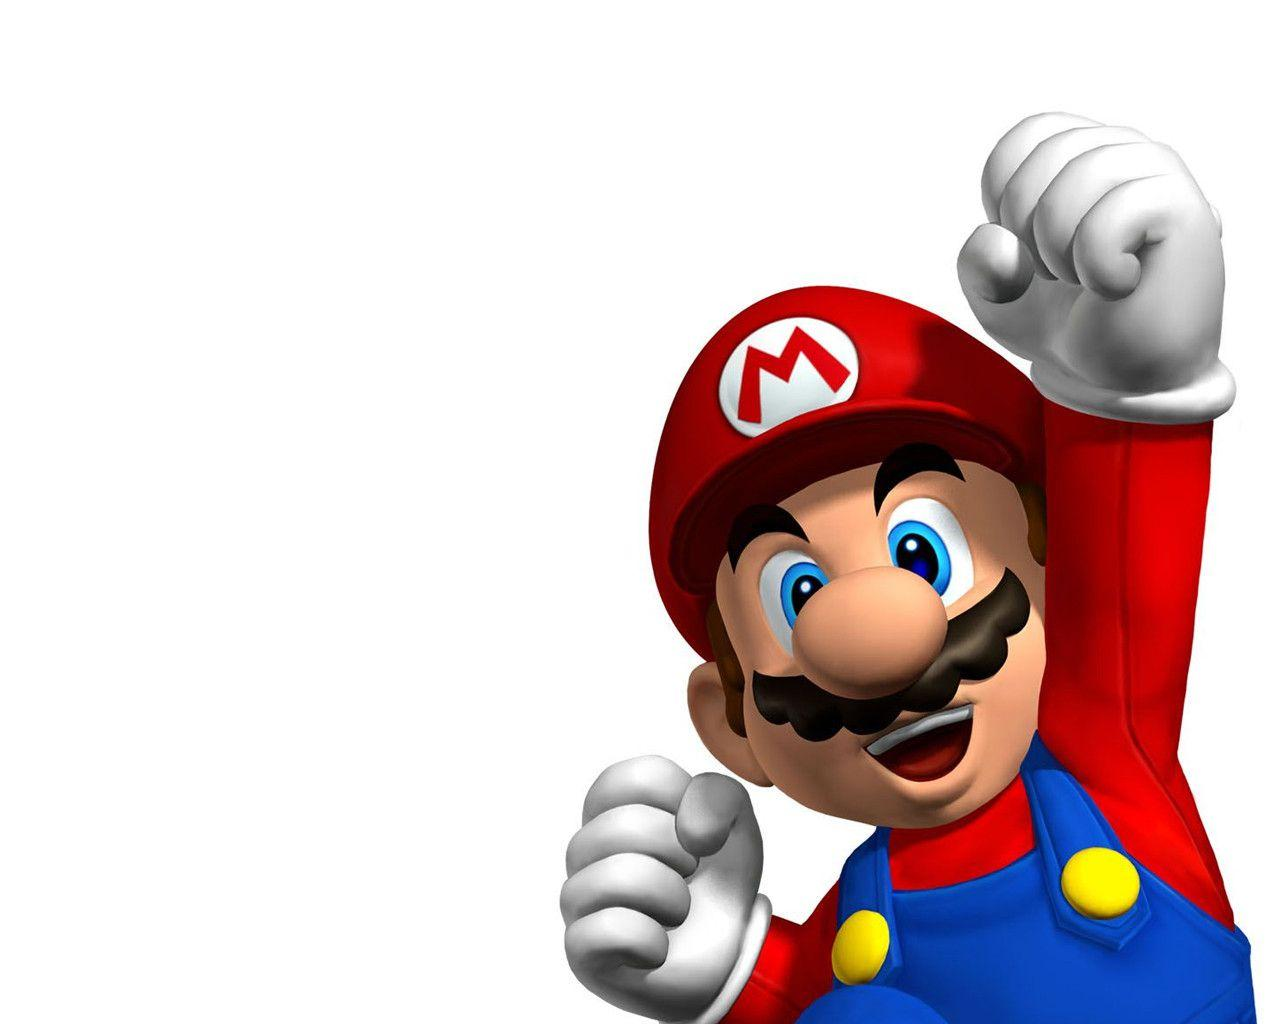 Mario Computer Wallpapers, Desktop Backgrounds 1280x1024 Id: 36177